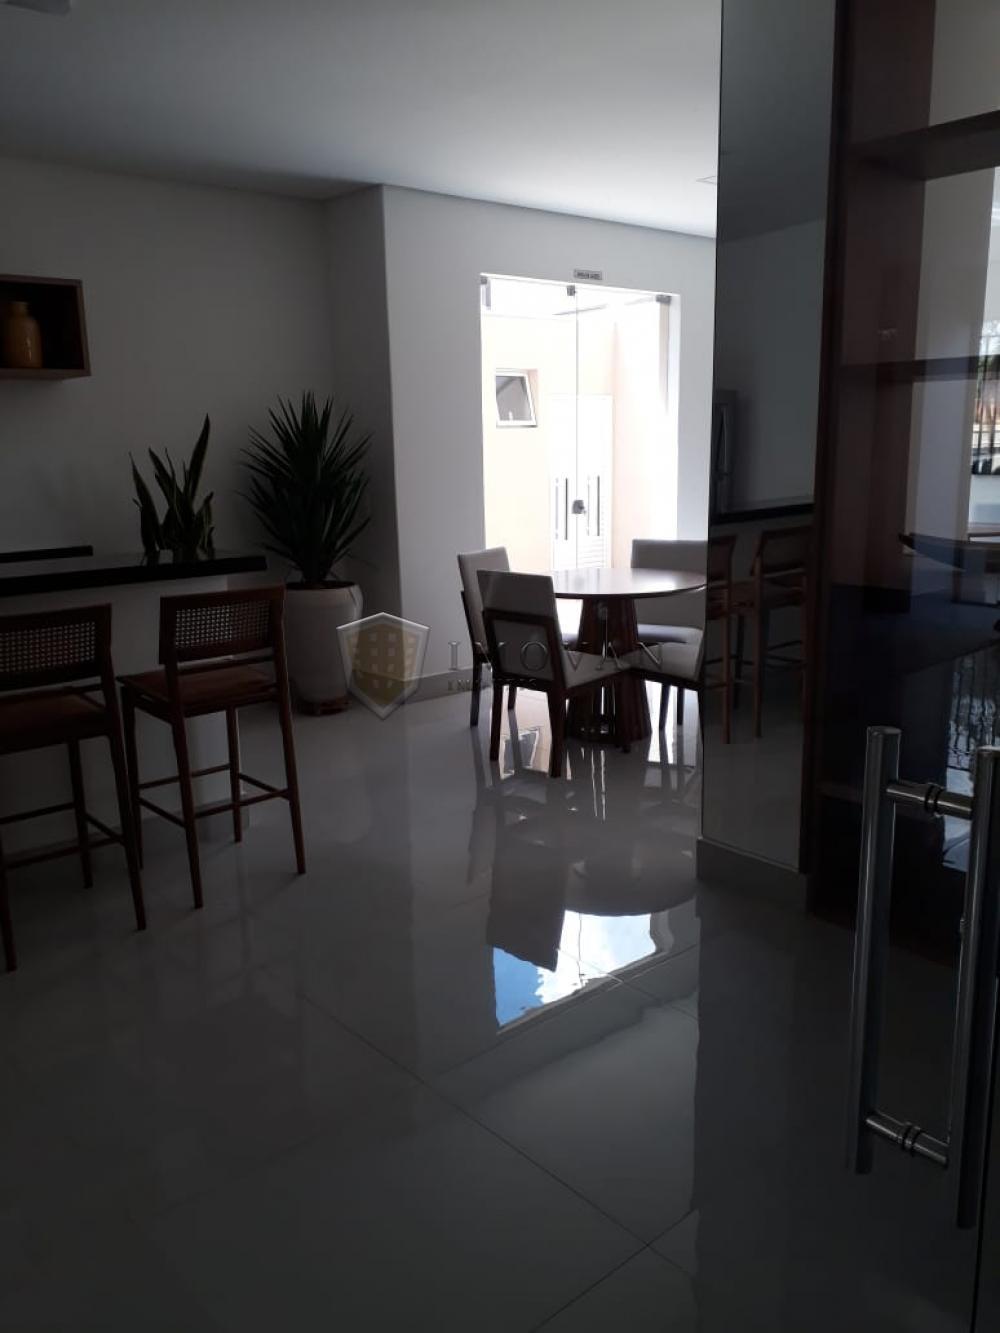 Comprar Apartamento / Padrão em Ribeirão Preto apenas R$ 350.000,00 - Foto 24